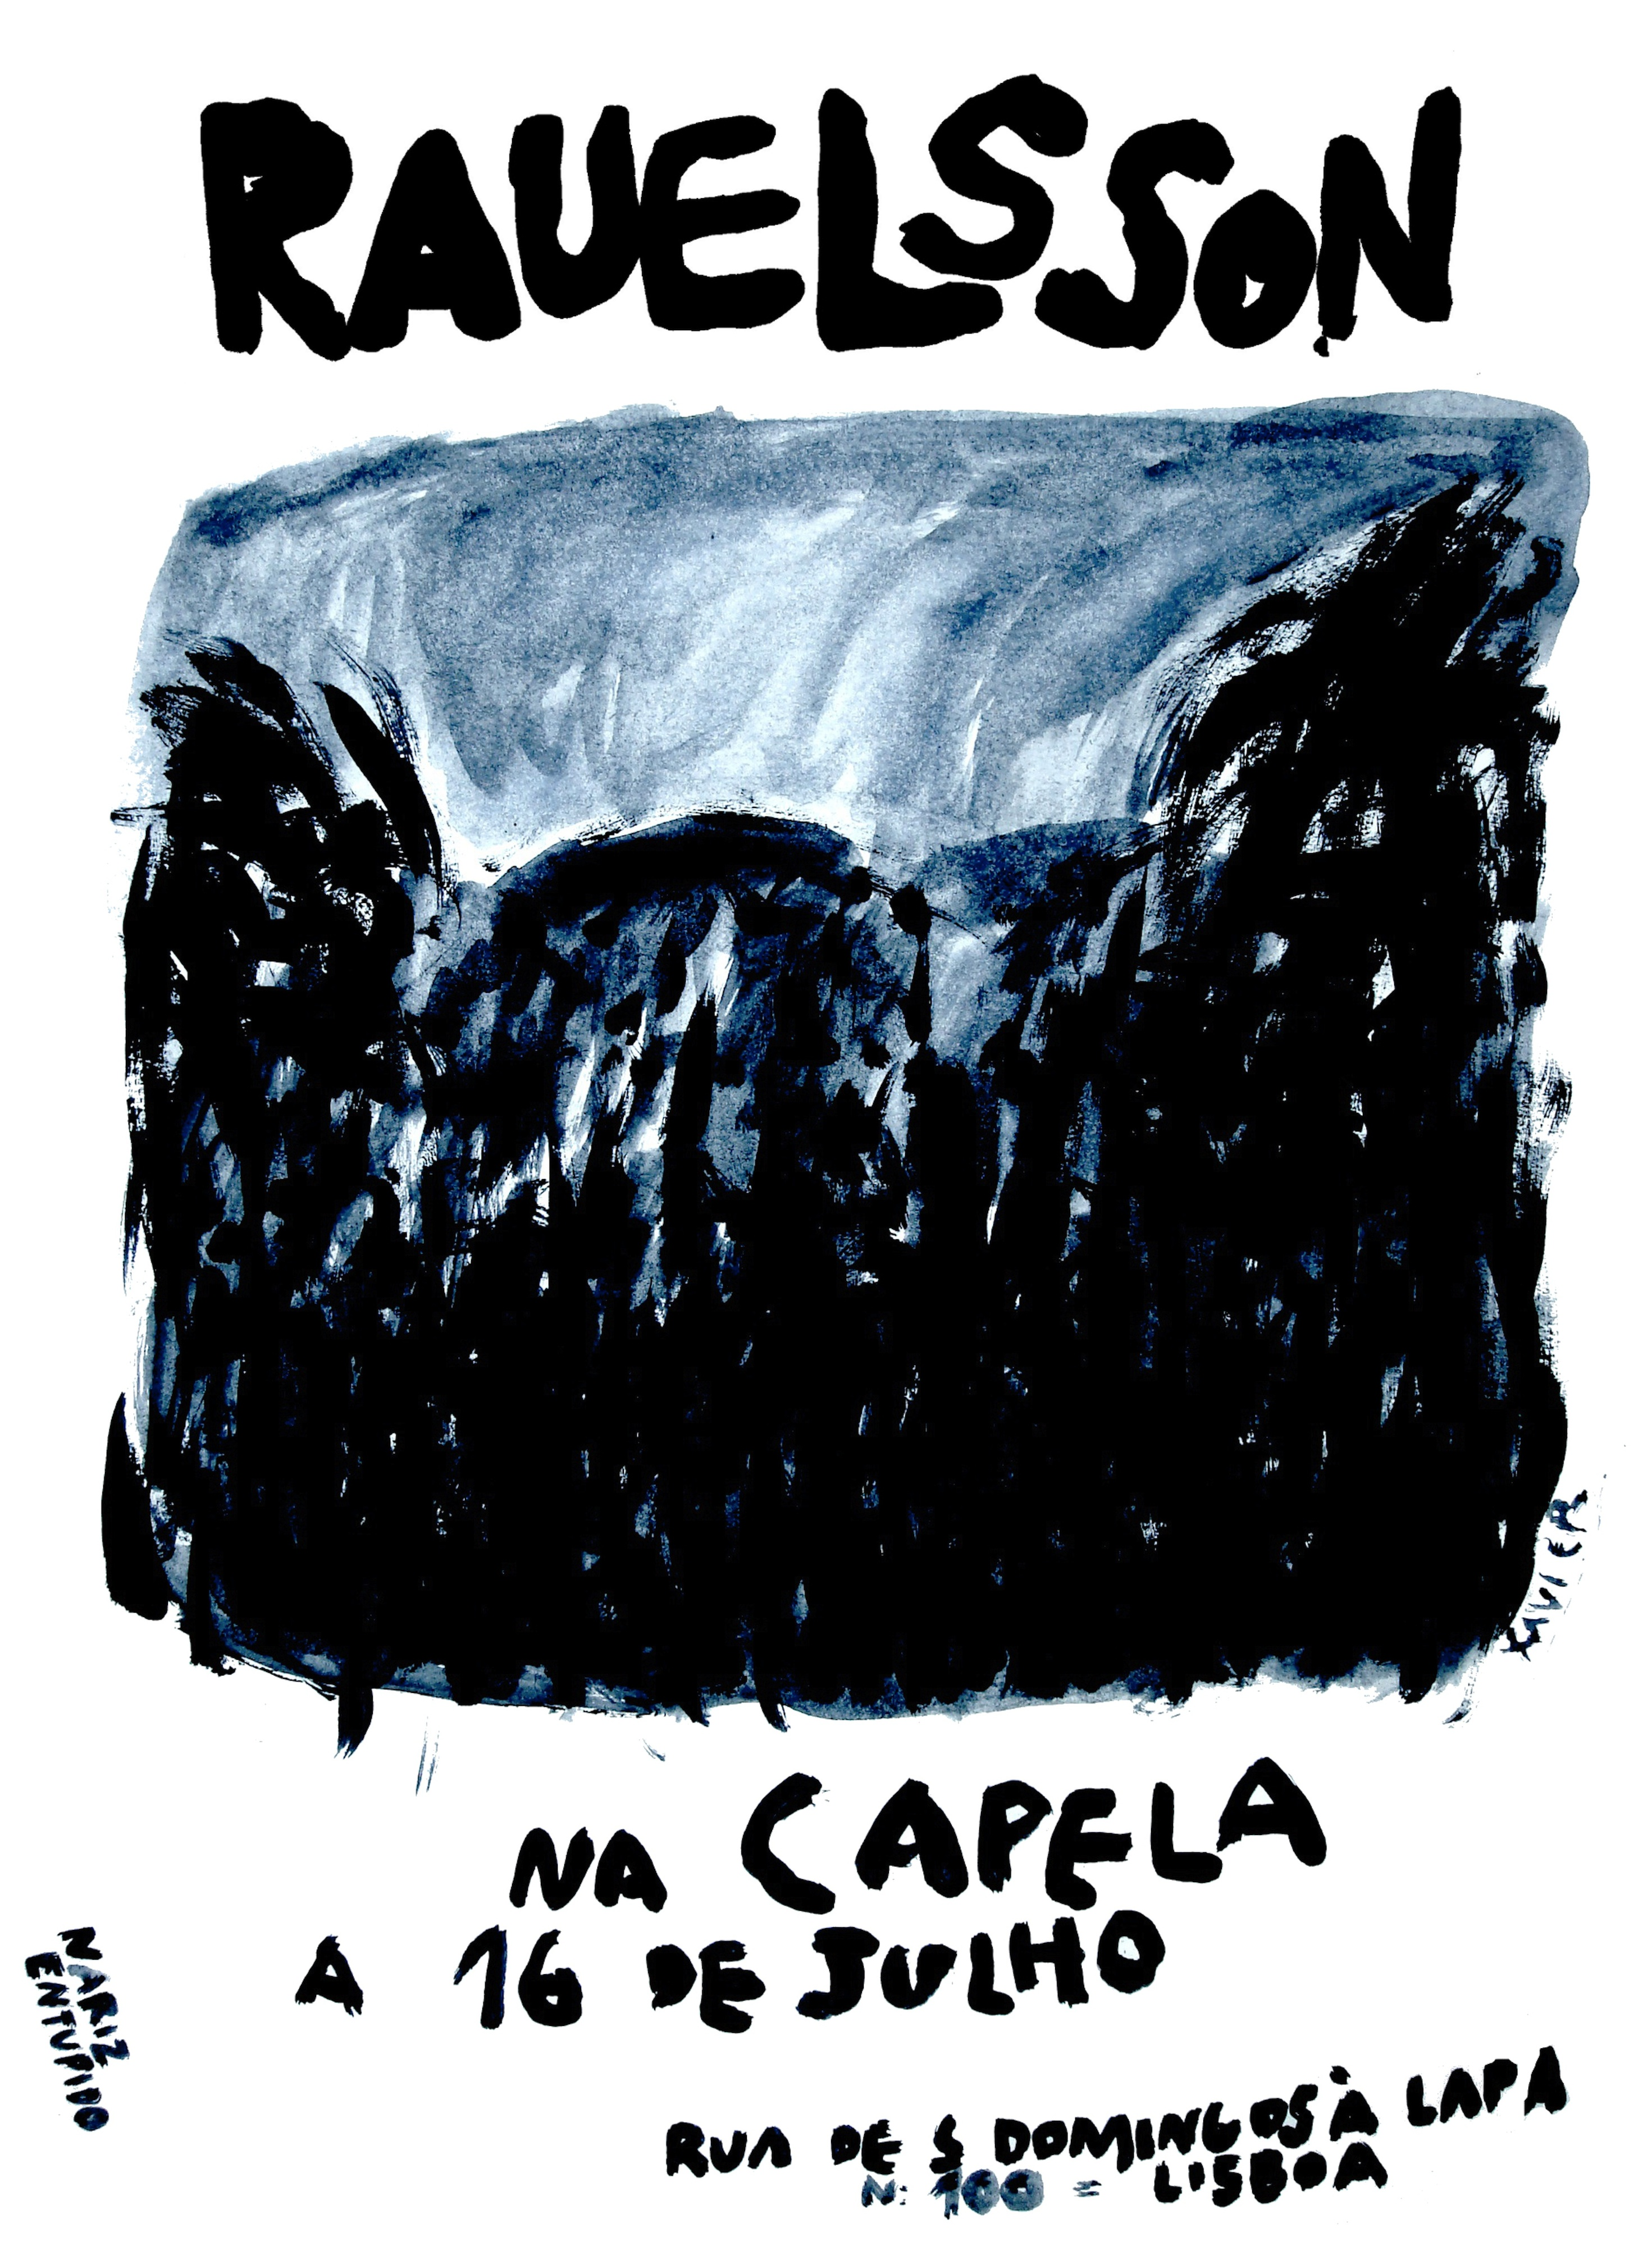 Rauelsson a 16 de Julho em Lisboa